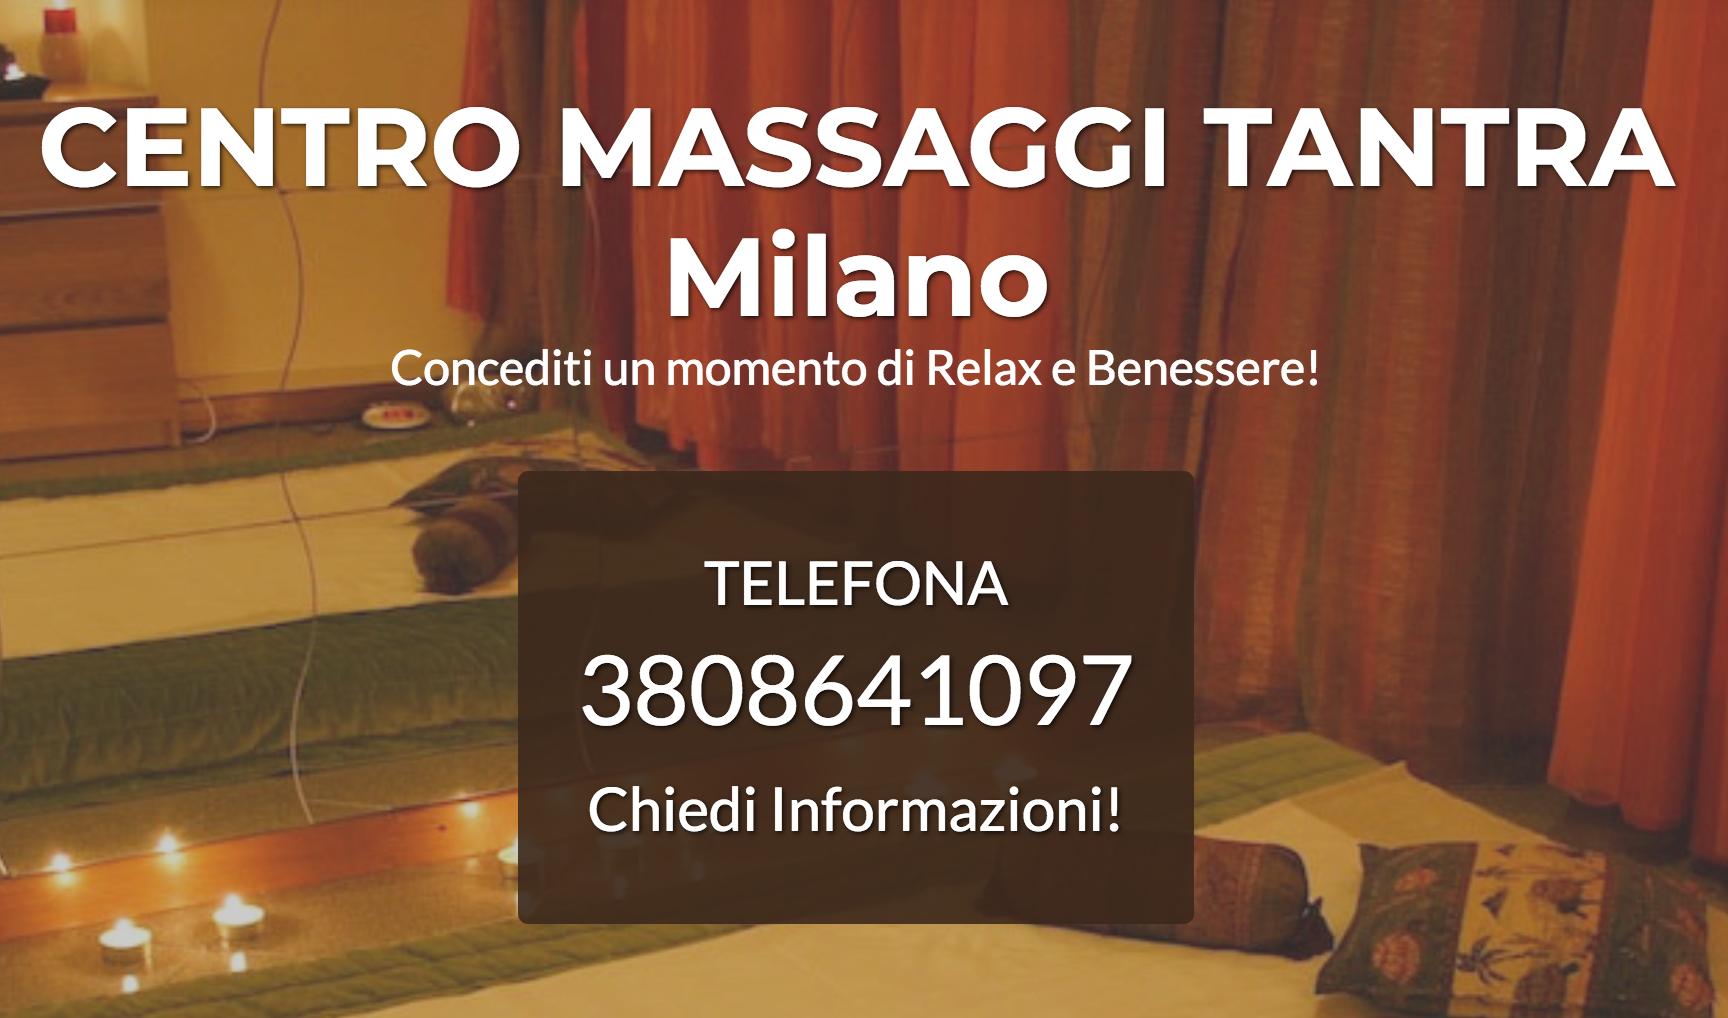 centro massaggi tantra milano massaggi centro milano